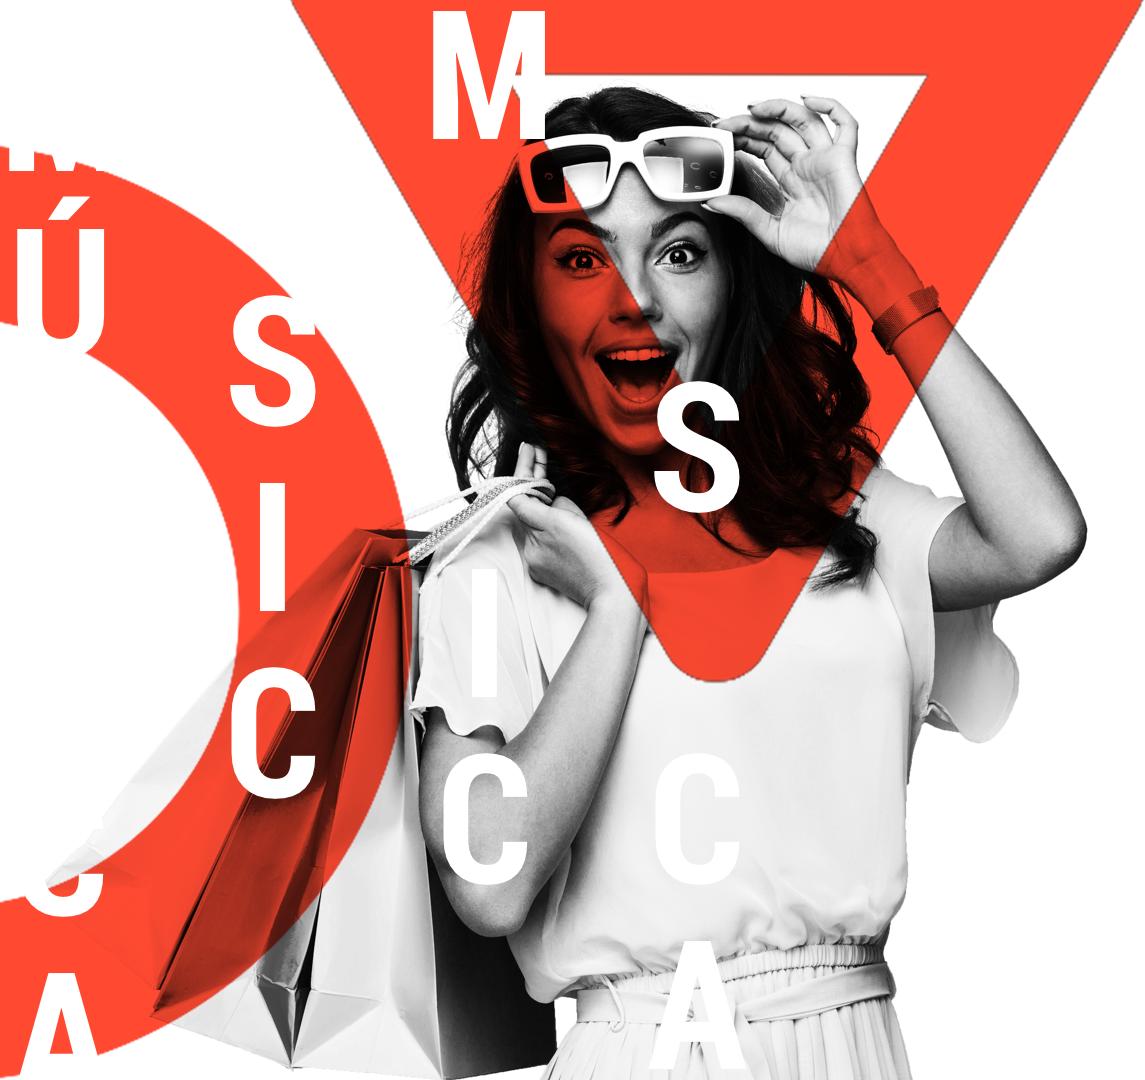 Música ambiental para locales, aumentar ventas, fidelizar clientes | Kasimu Uruguay